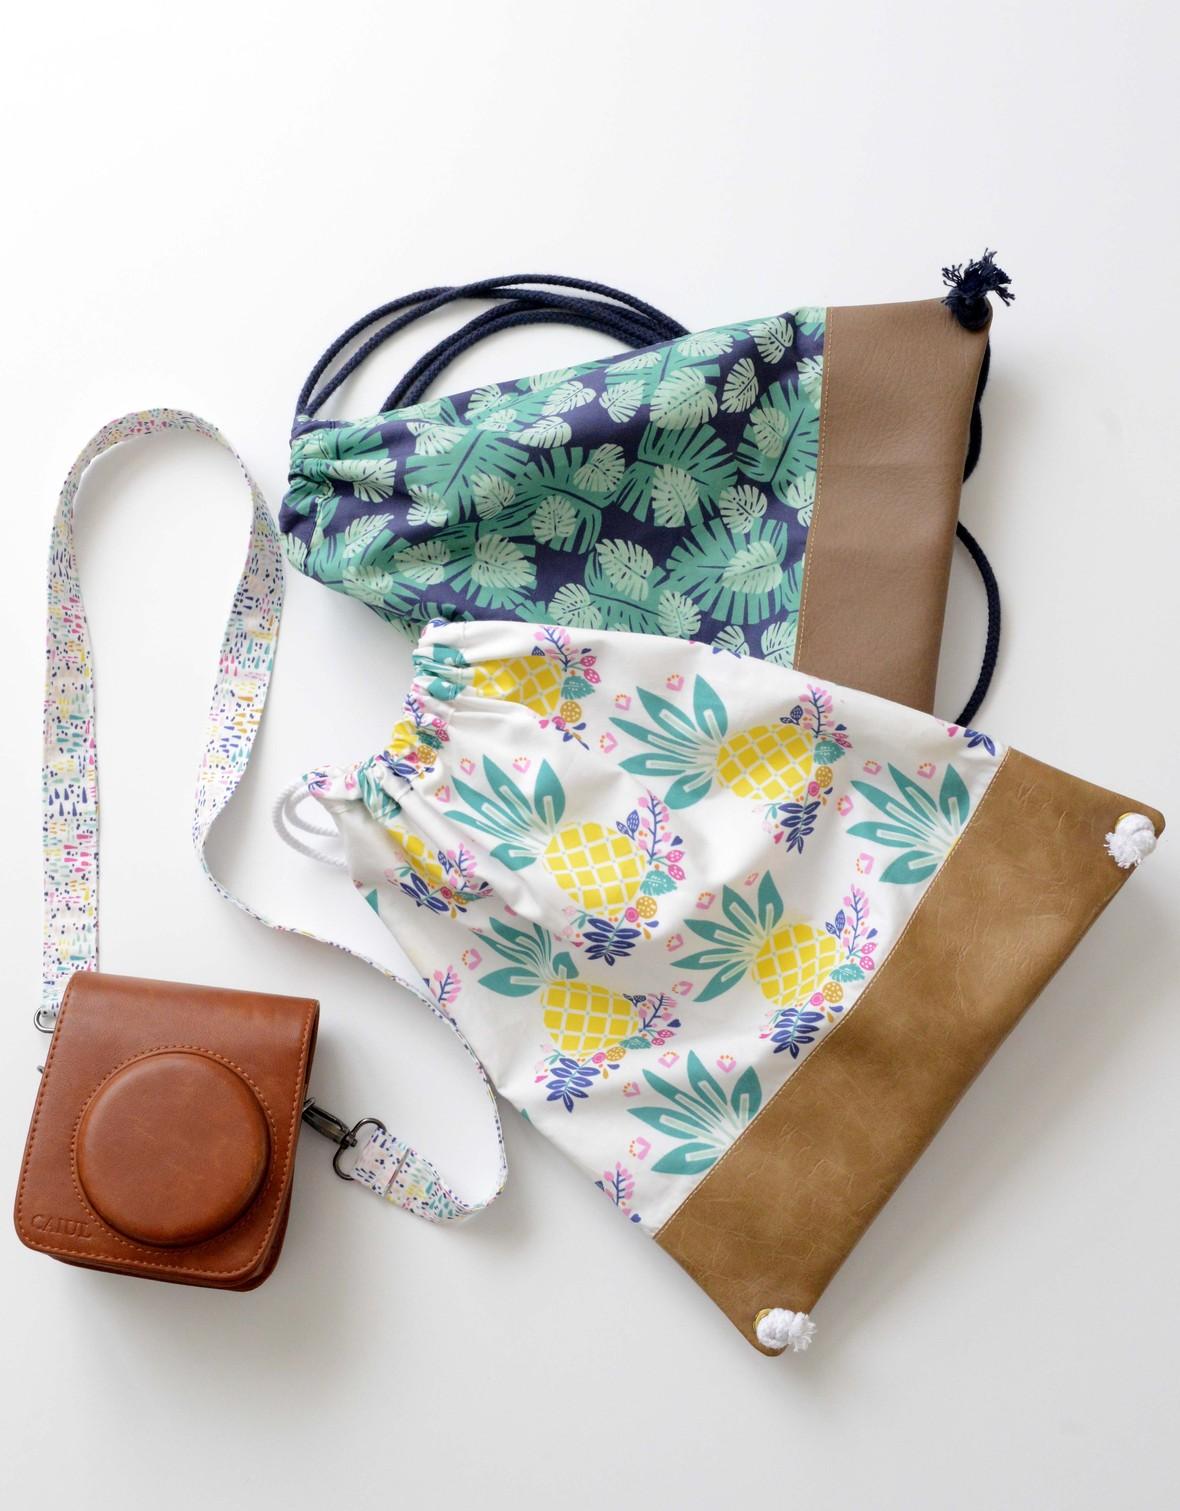 VIDA Statement Bag - Pantone Repeat by VIDA cNJ1wqvJl